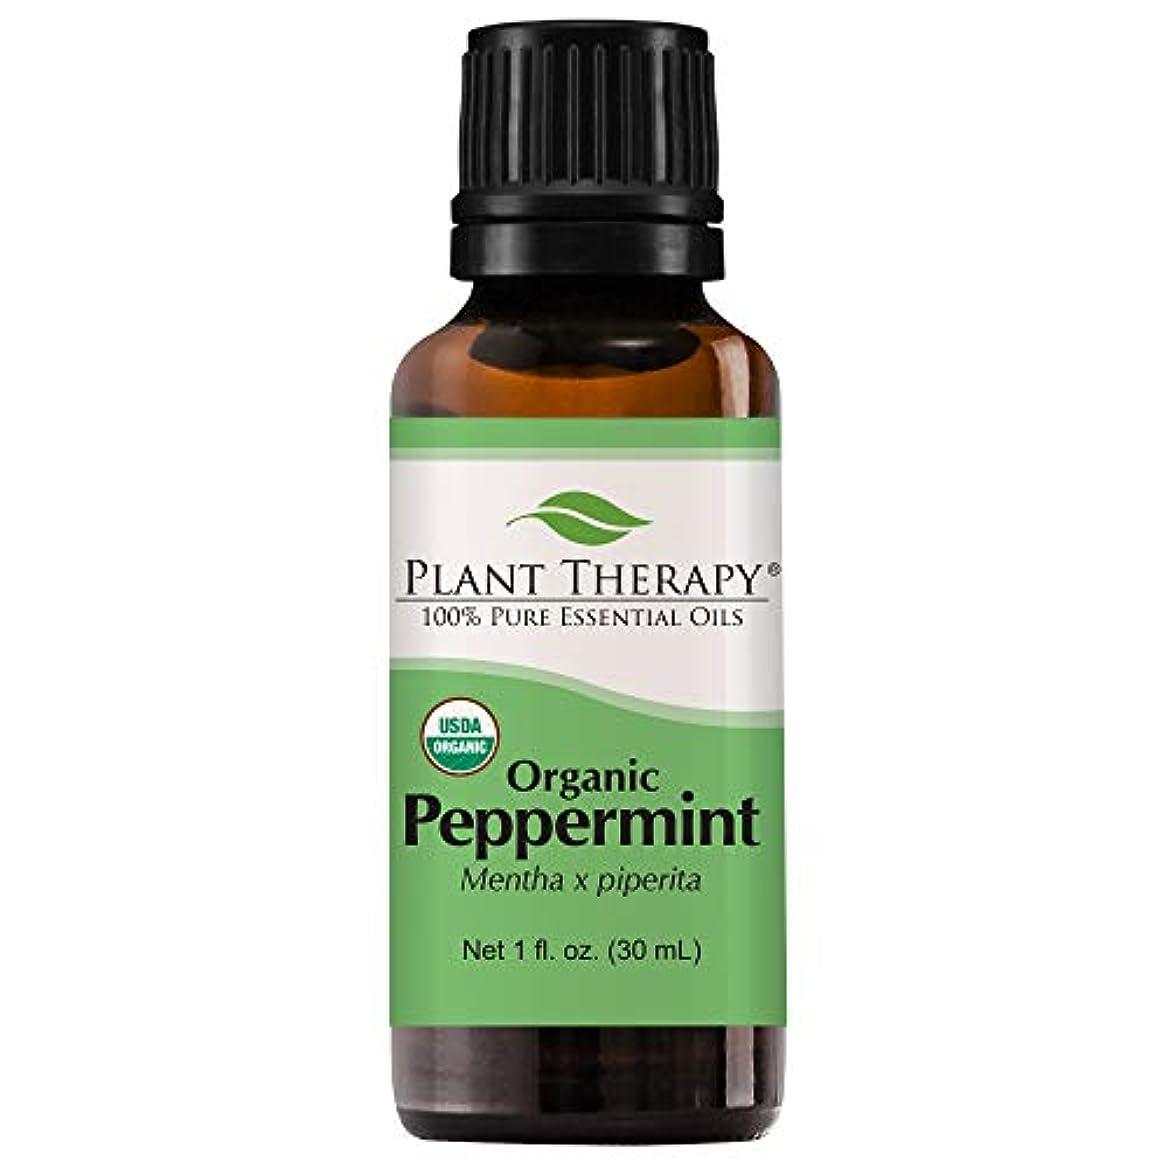 社説ゲーム西植物セラピーUSDA認定オーガニックペパーミントエッセンシャルオイル。 100%ピュア、希釈していない、治療グレード。 30mLの(1オンス)。